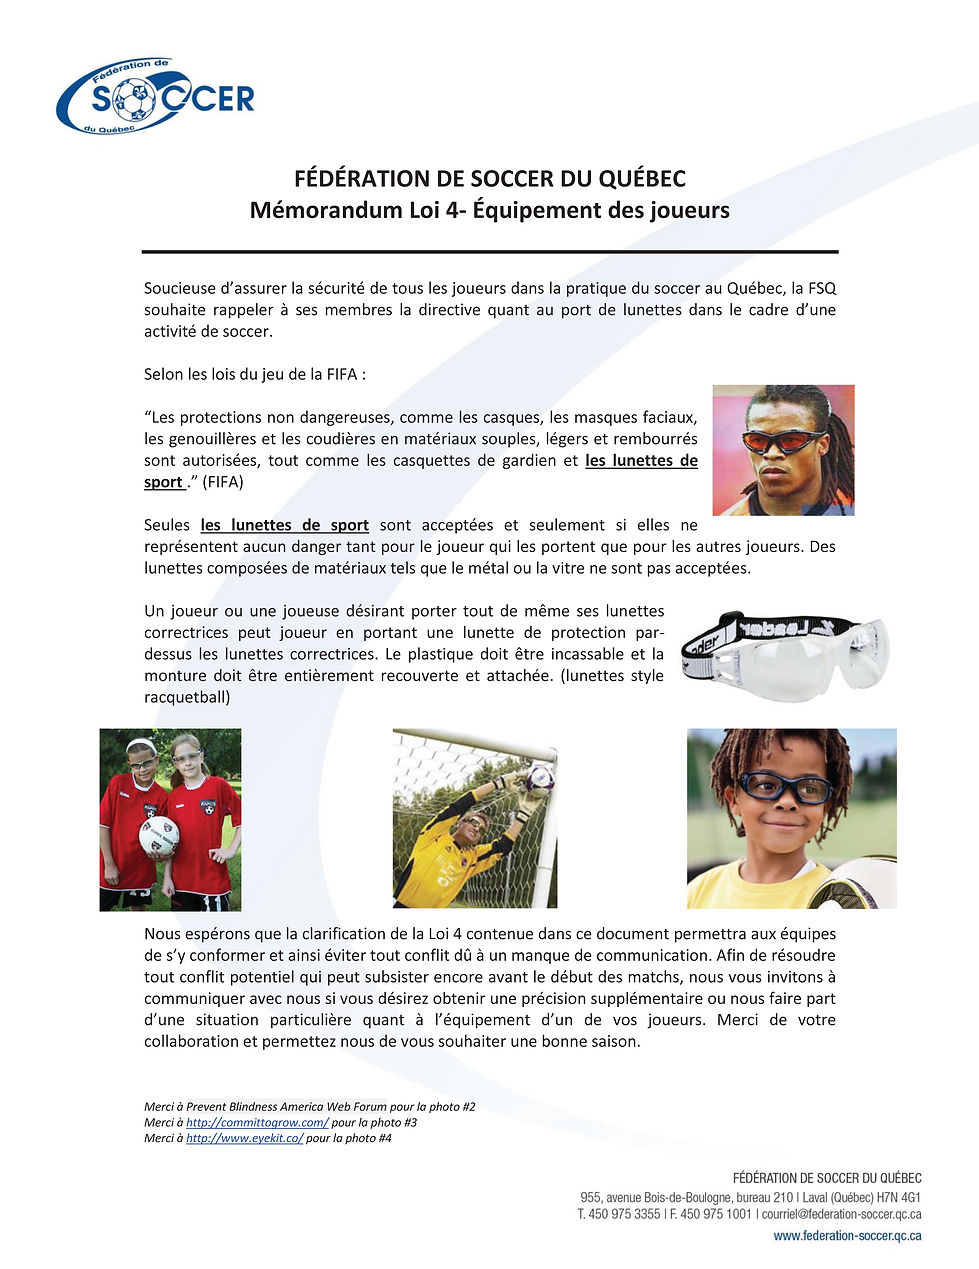 Equipement-des-joueurs-lunettes-2018.png